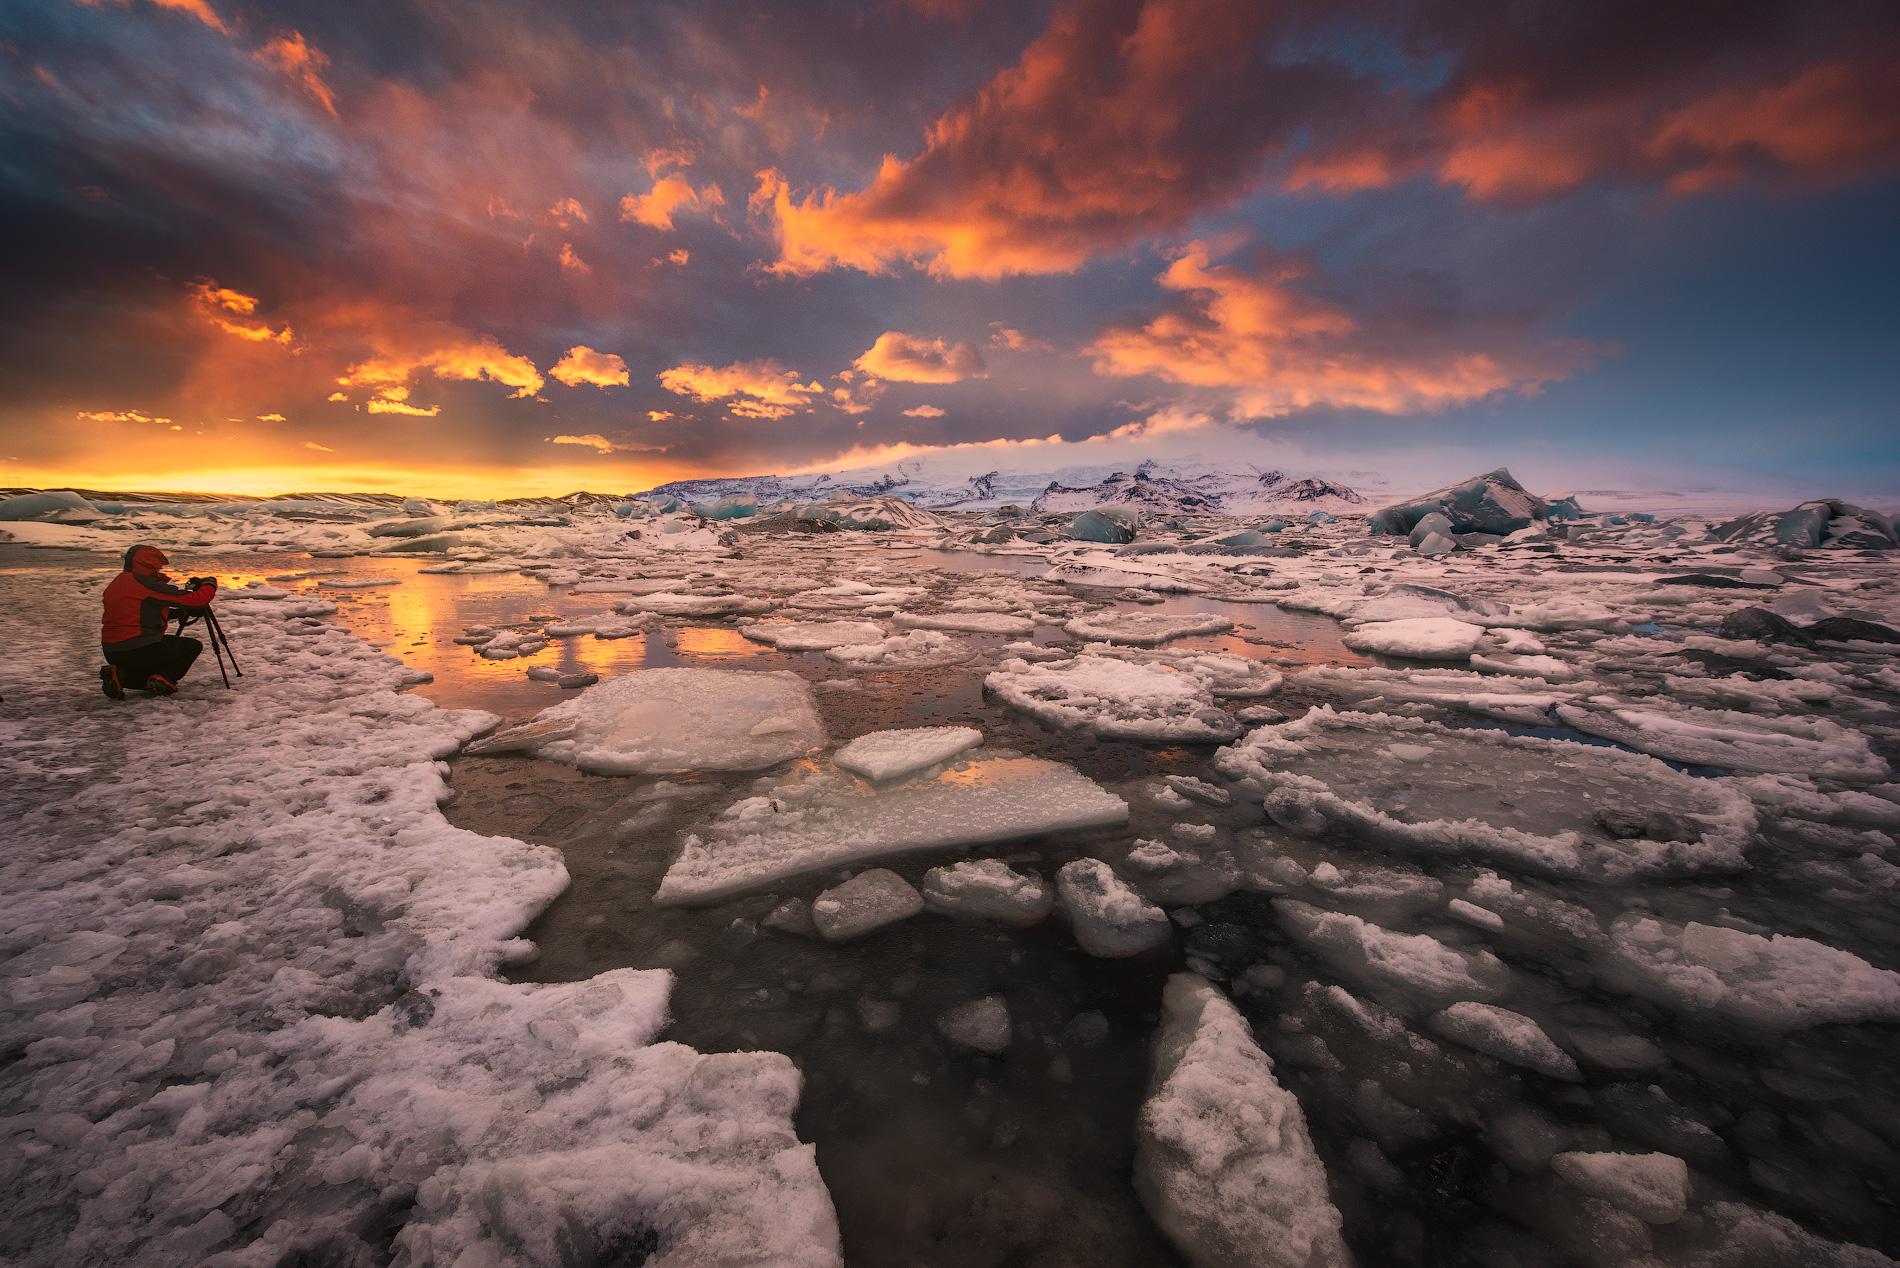 黄金时间,在杰古沙龙冰河湖(Jökulsárlón )摄影的完美时刻。